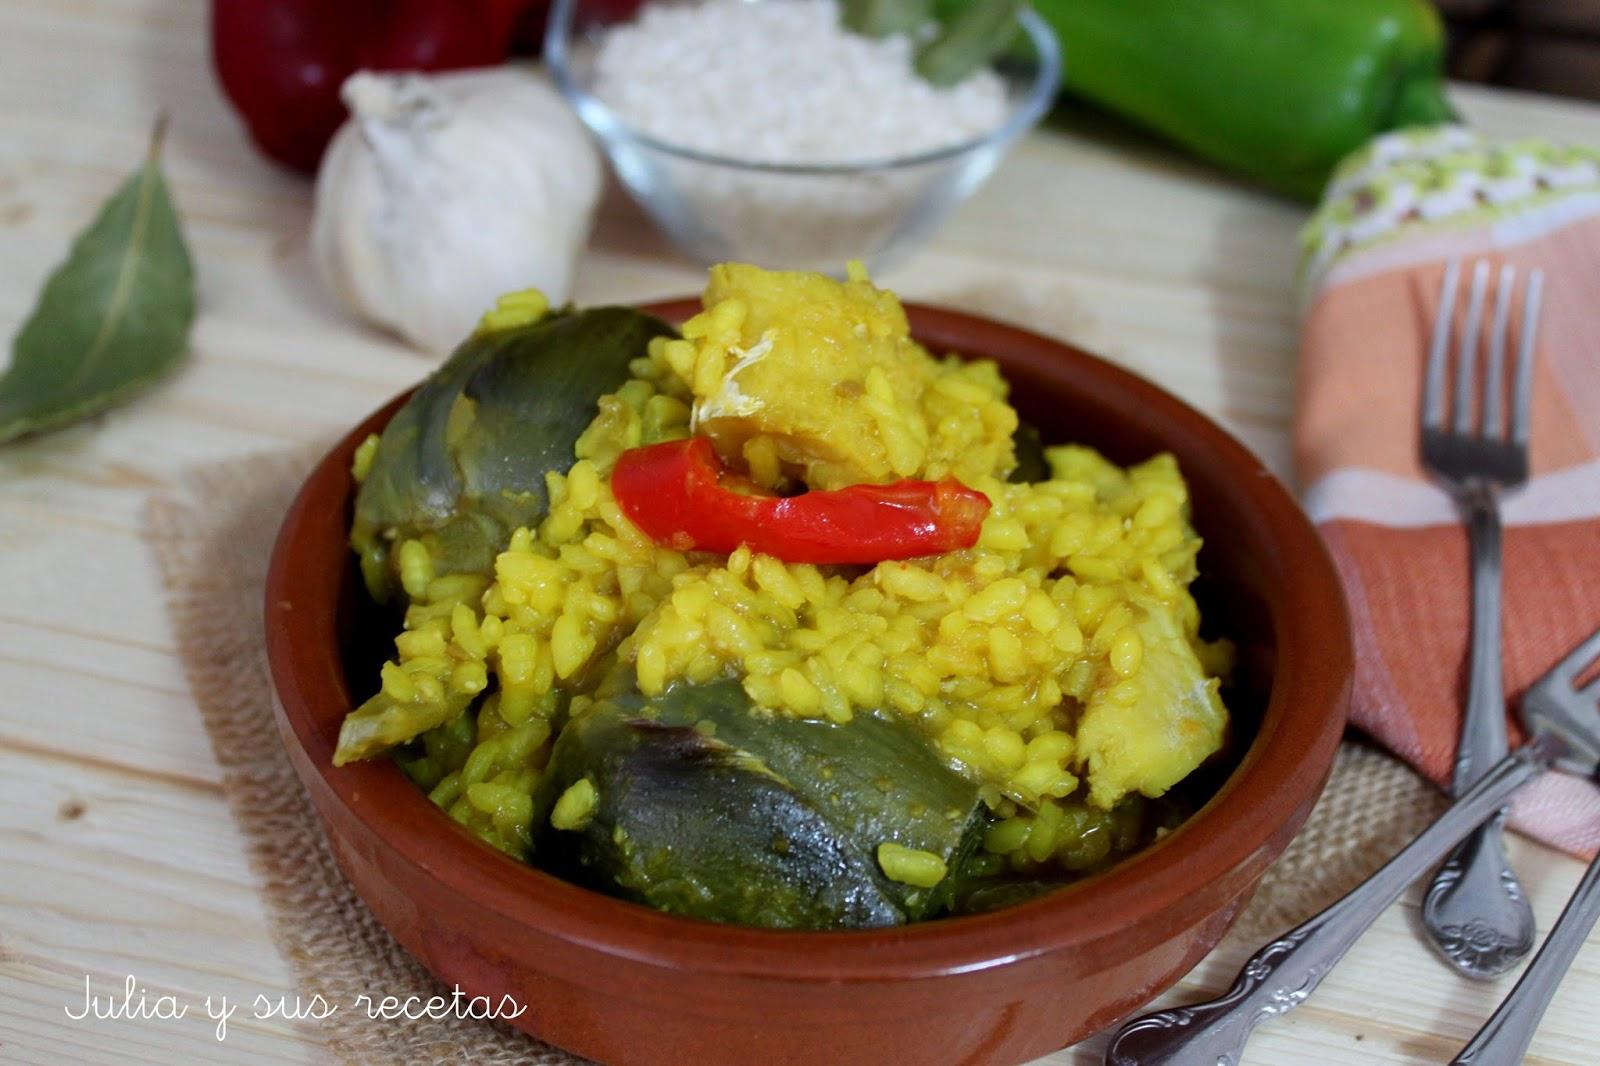 Arroz con alcachofas y bacalao. Julia y sus recetas